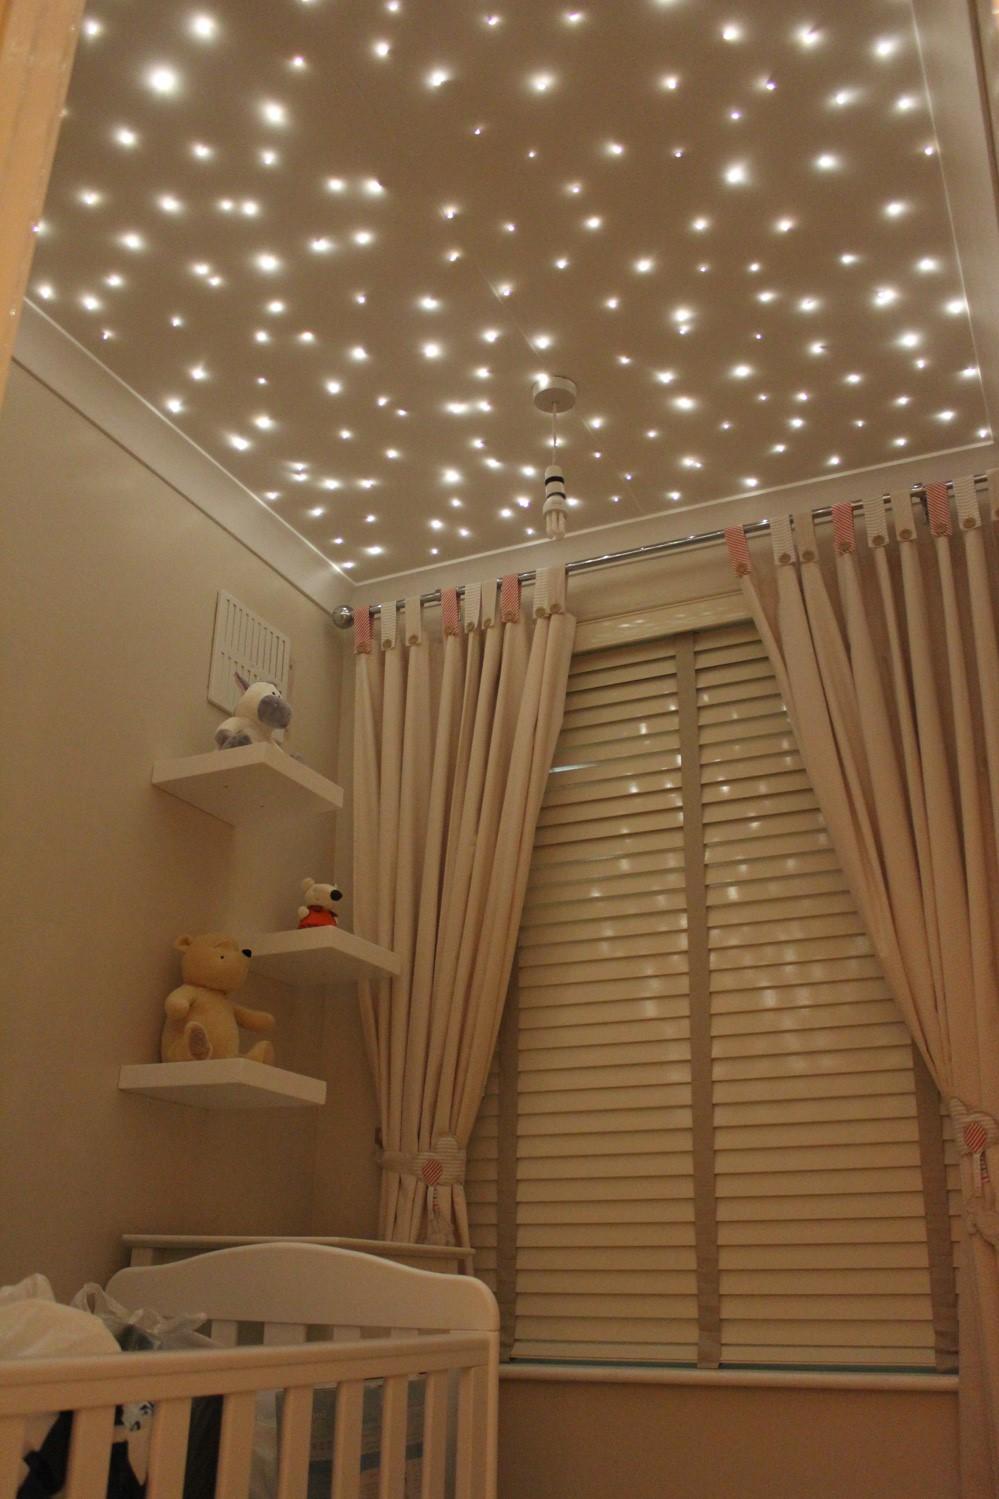 Faites entrer le ciel nocturne à l'intérieur avec ce faux plafond recouvert de guirlandes lumineuses. C'est parfait pour la chambre de bébé, mais aussi pour les enfants de tous âges et les adultes.